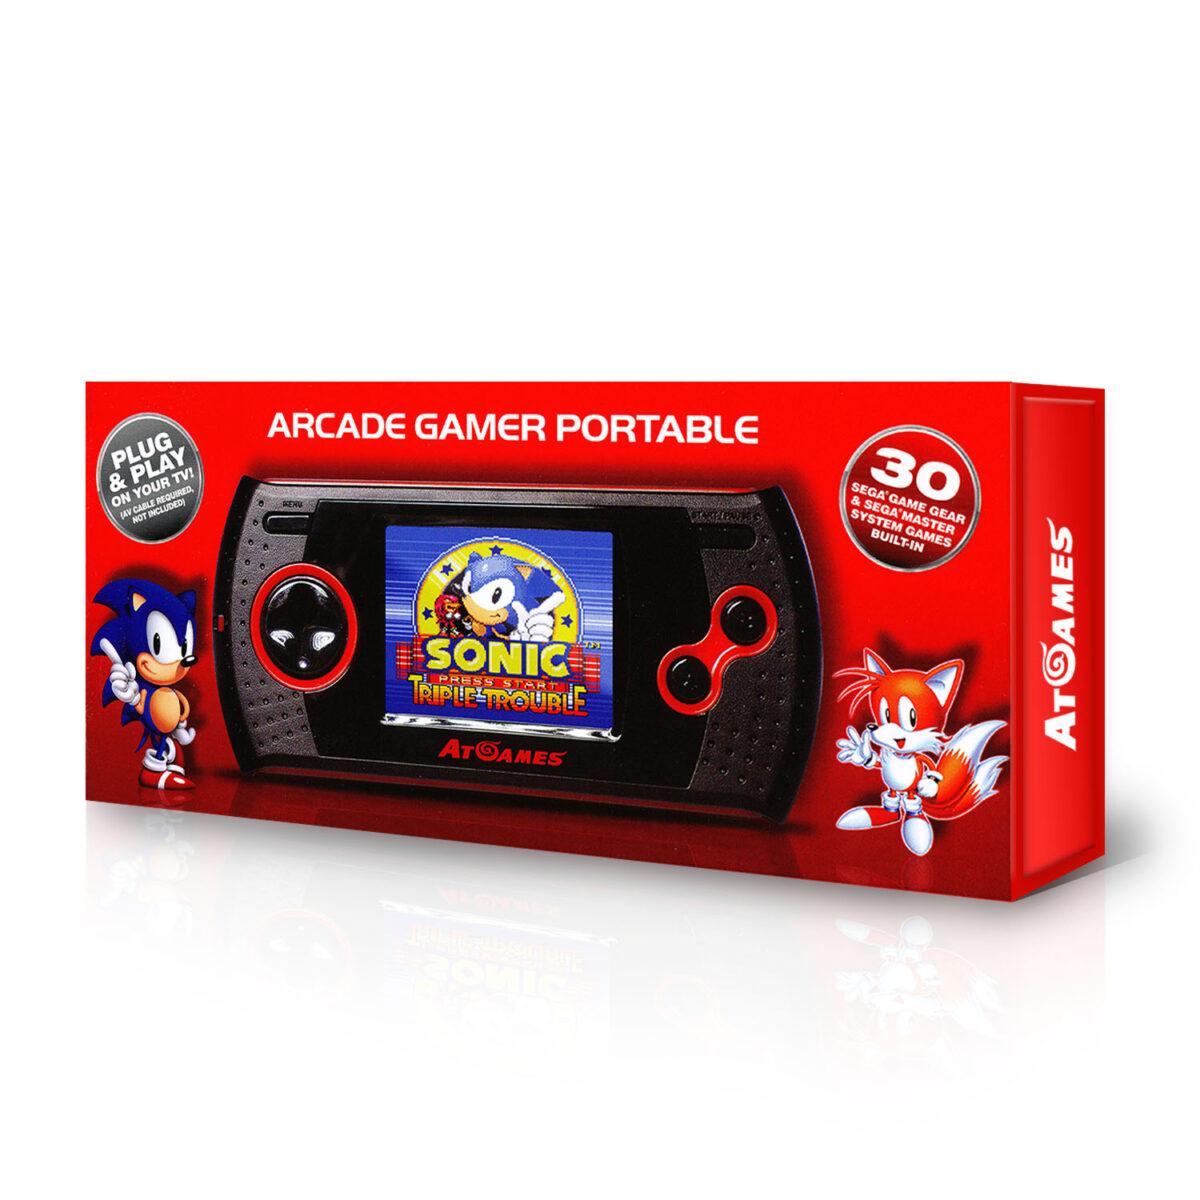 SEGA Handheld Arcade Game